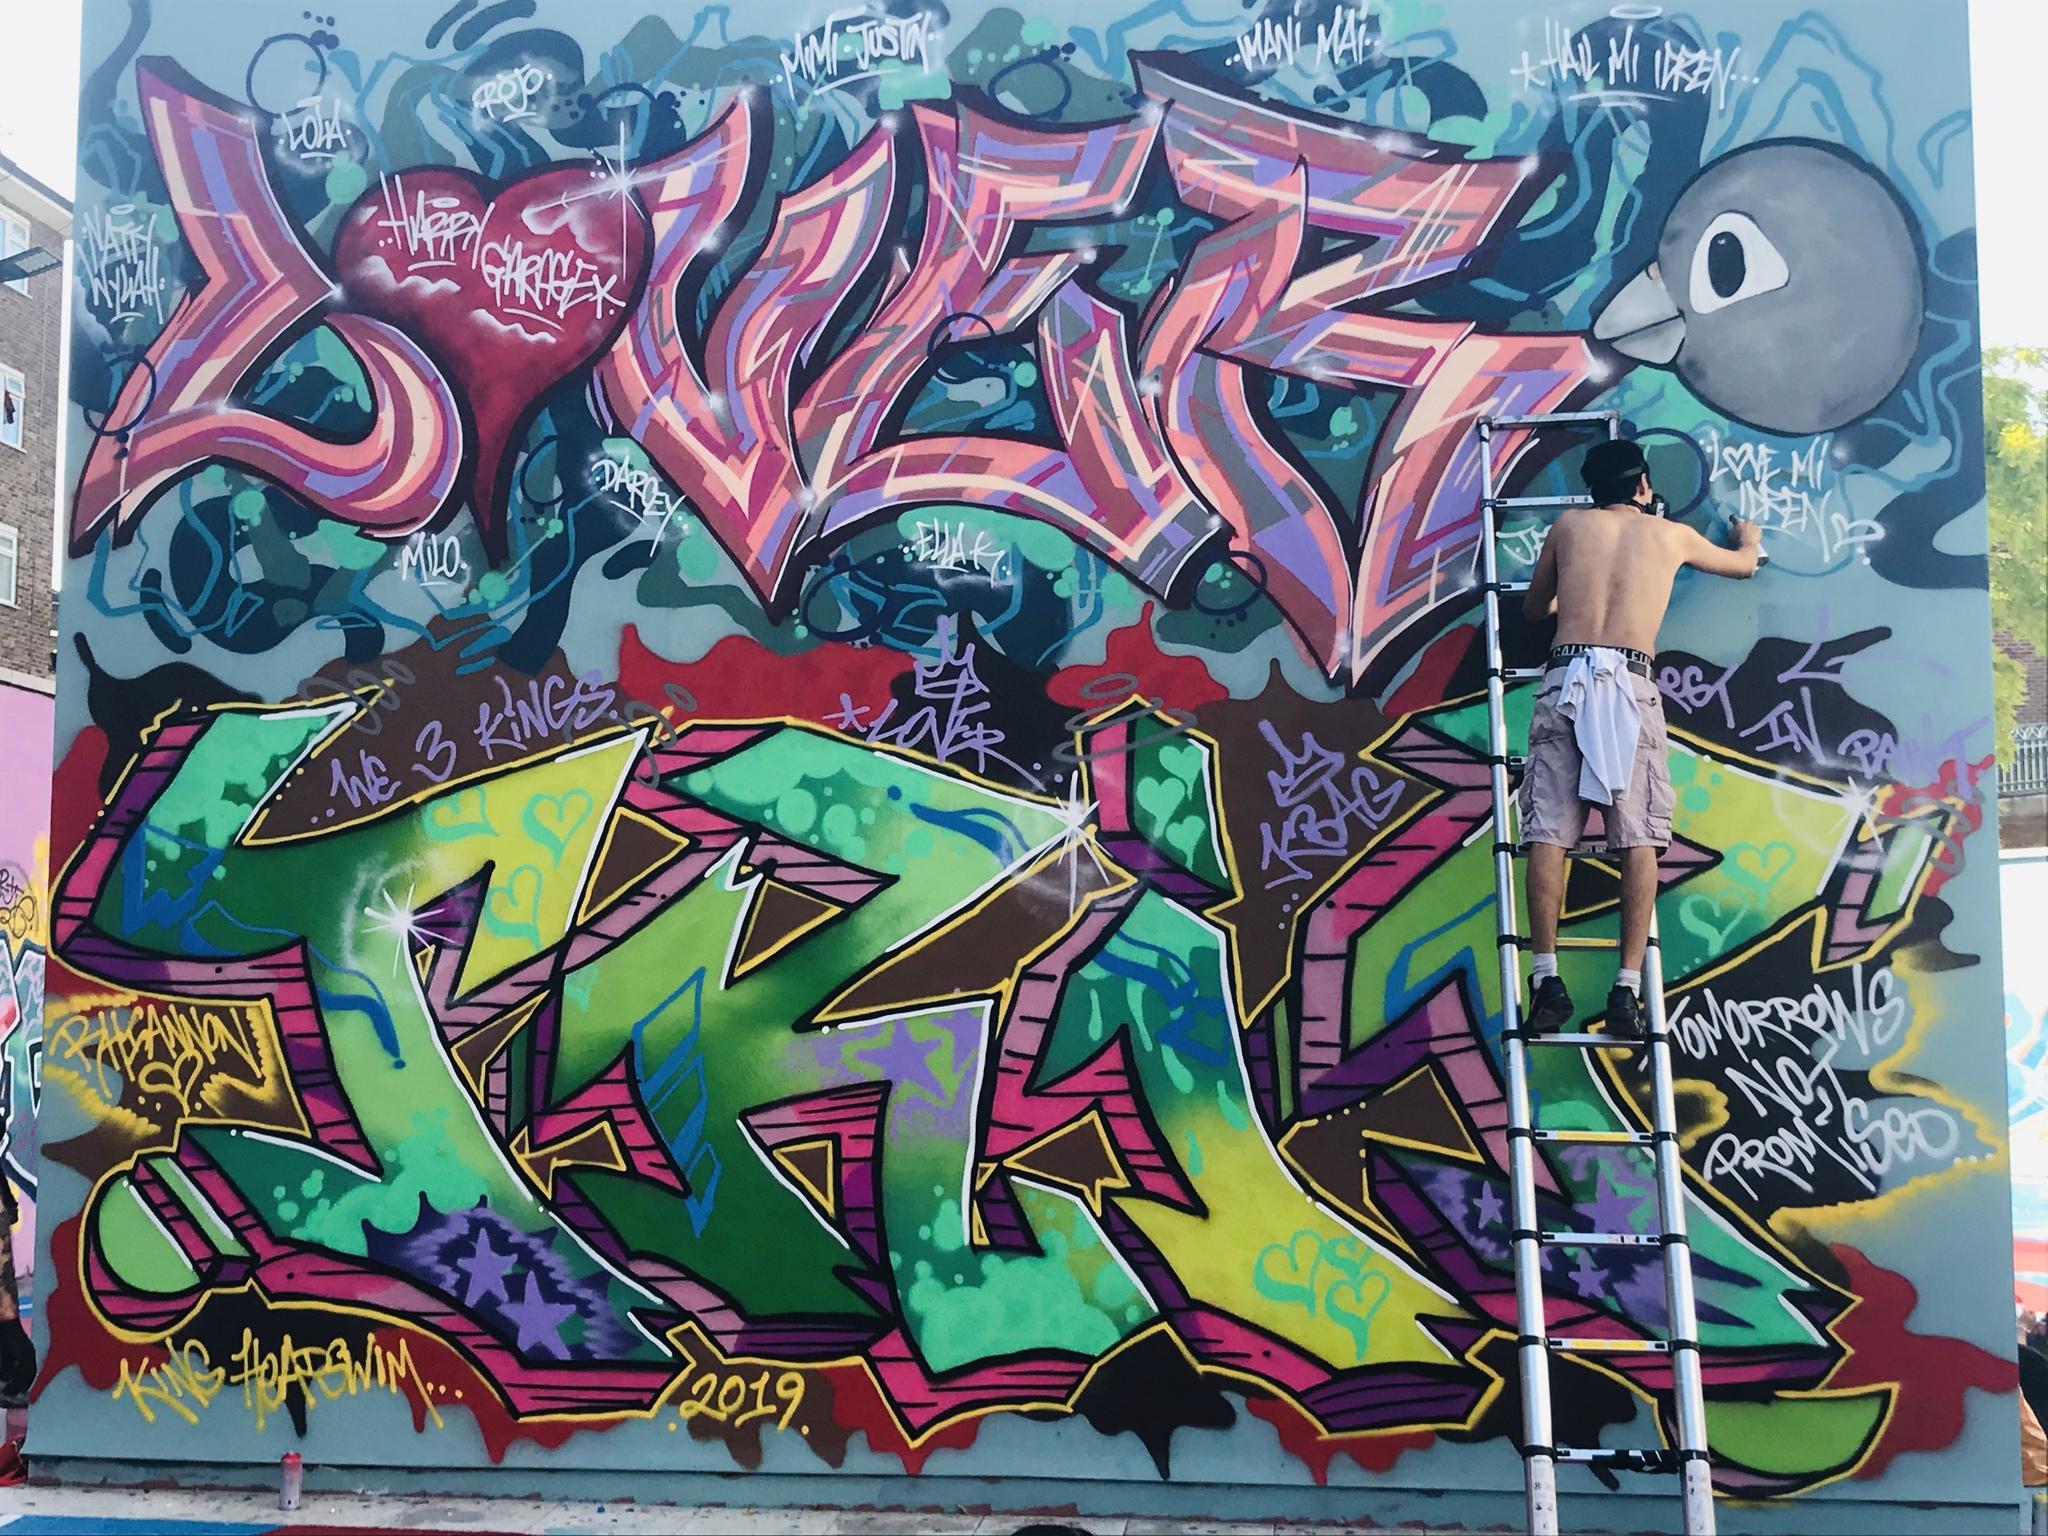 Grafiti finalizado con los nombres en grande de Lover y Trip. Uno de los autores desciende por la escalera, en primer plano otro con su cuerpo tatuado casi por completo.